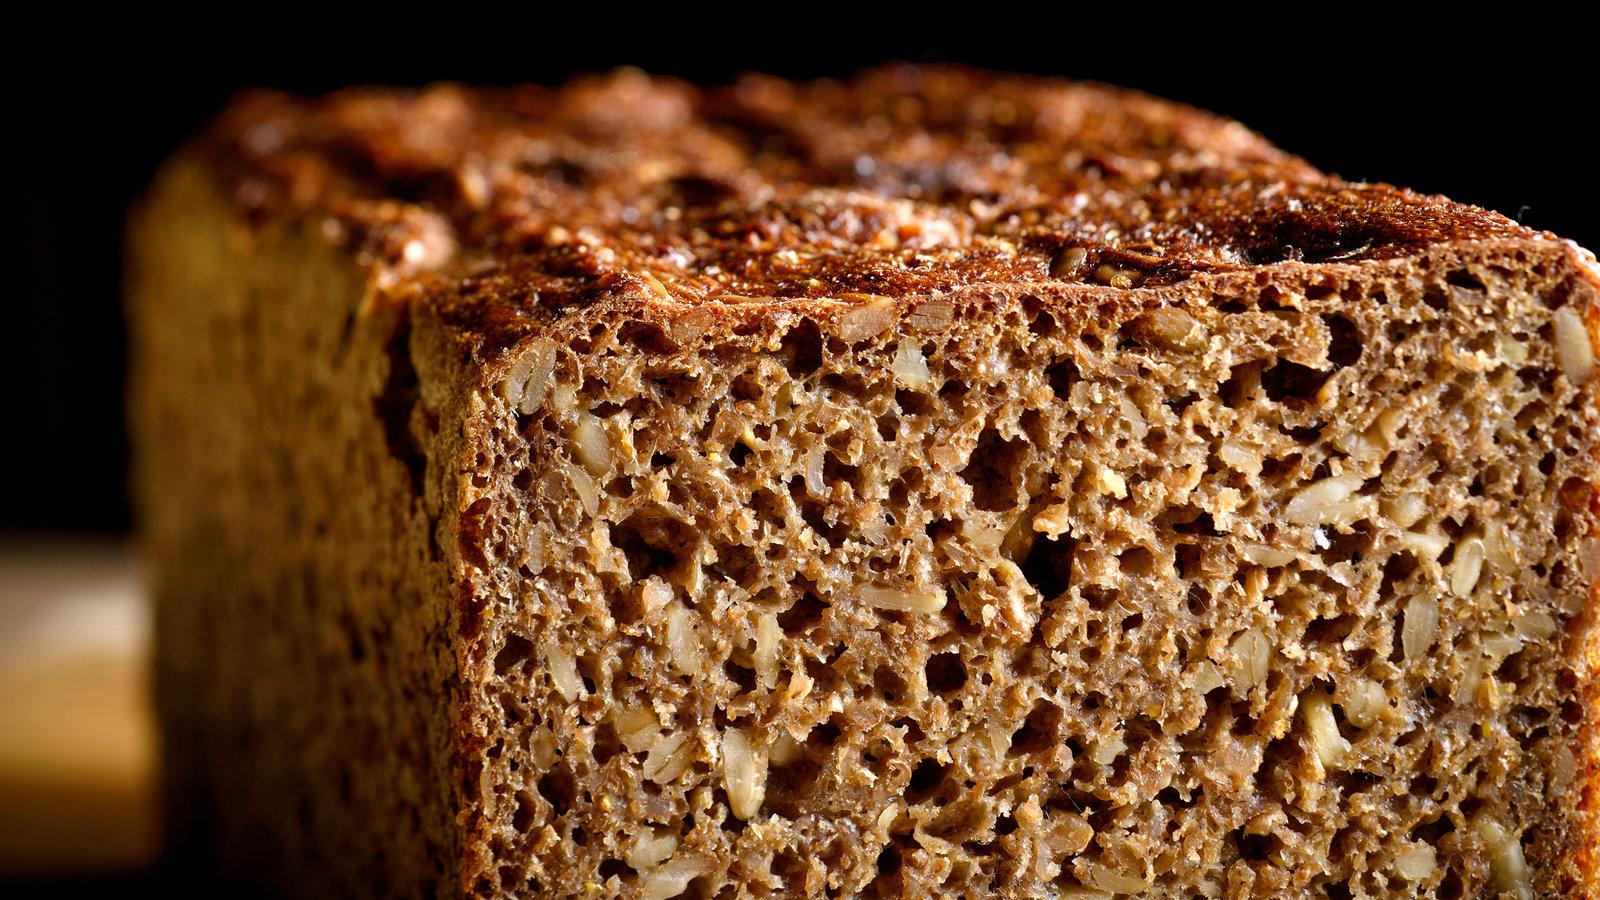 Rye flour ingredients